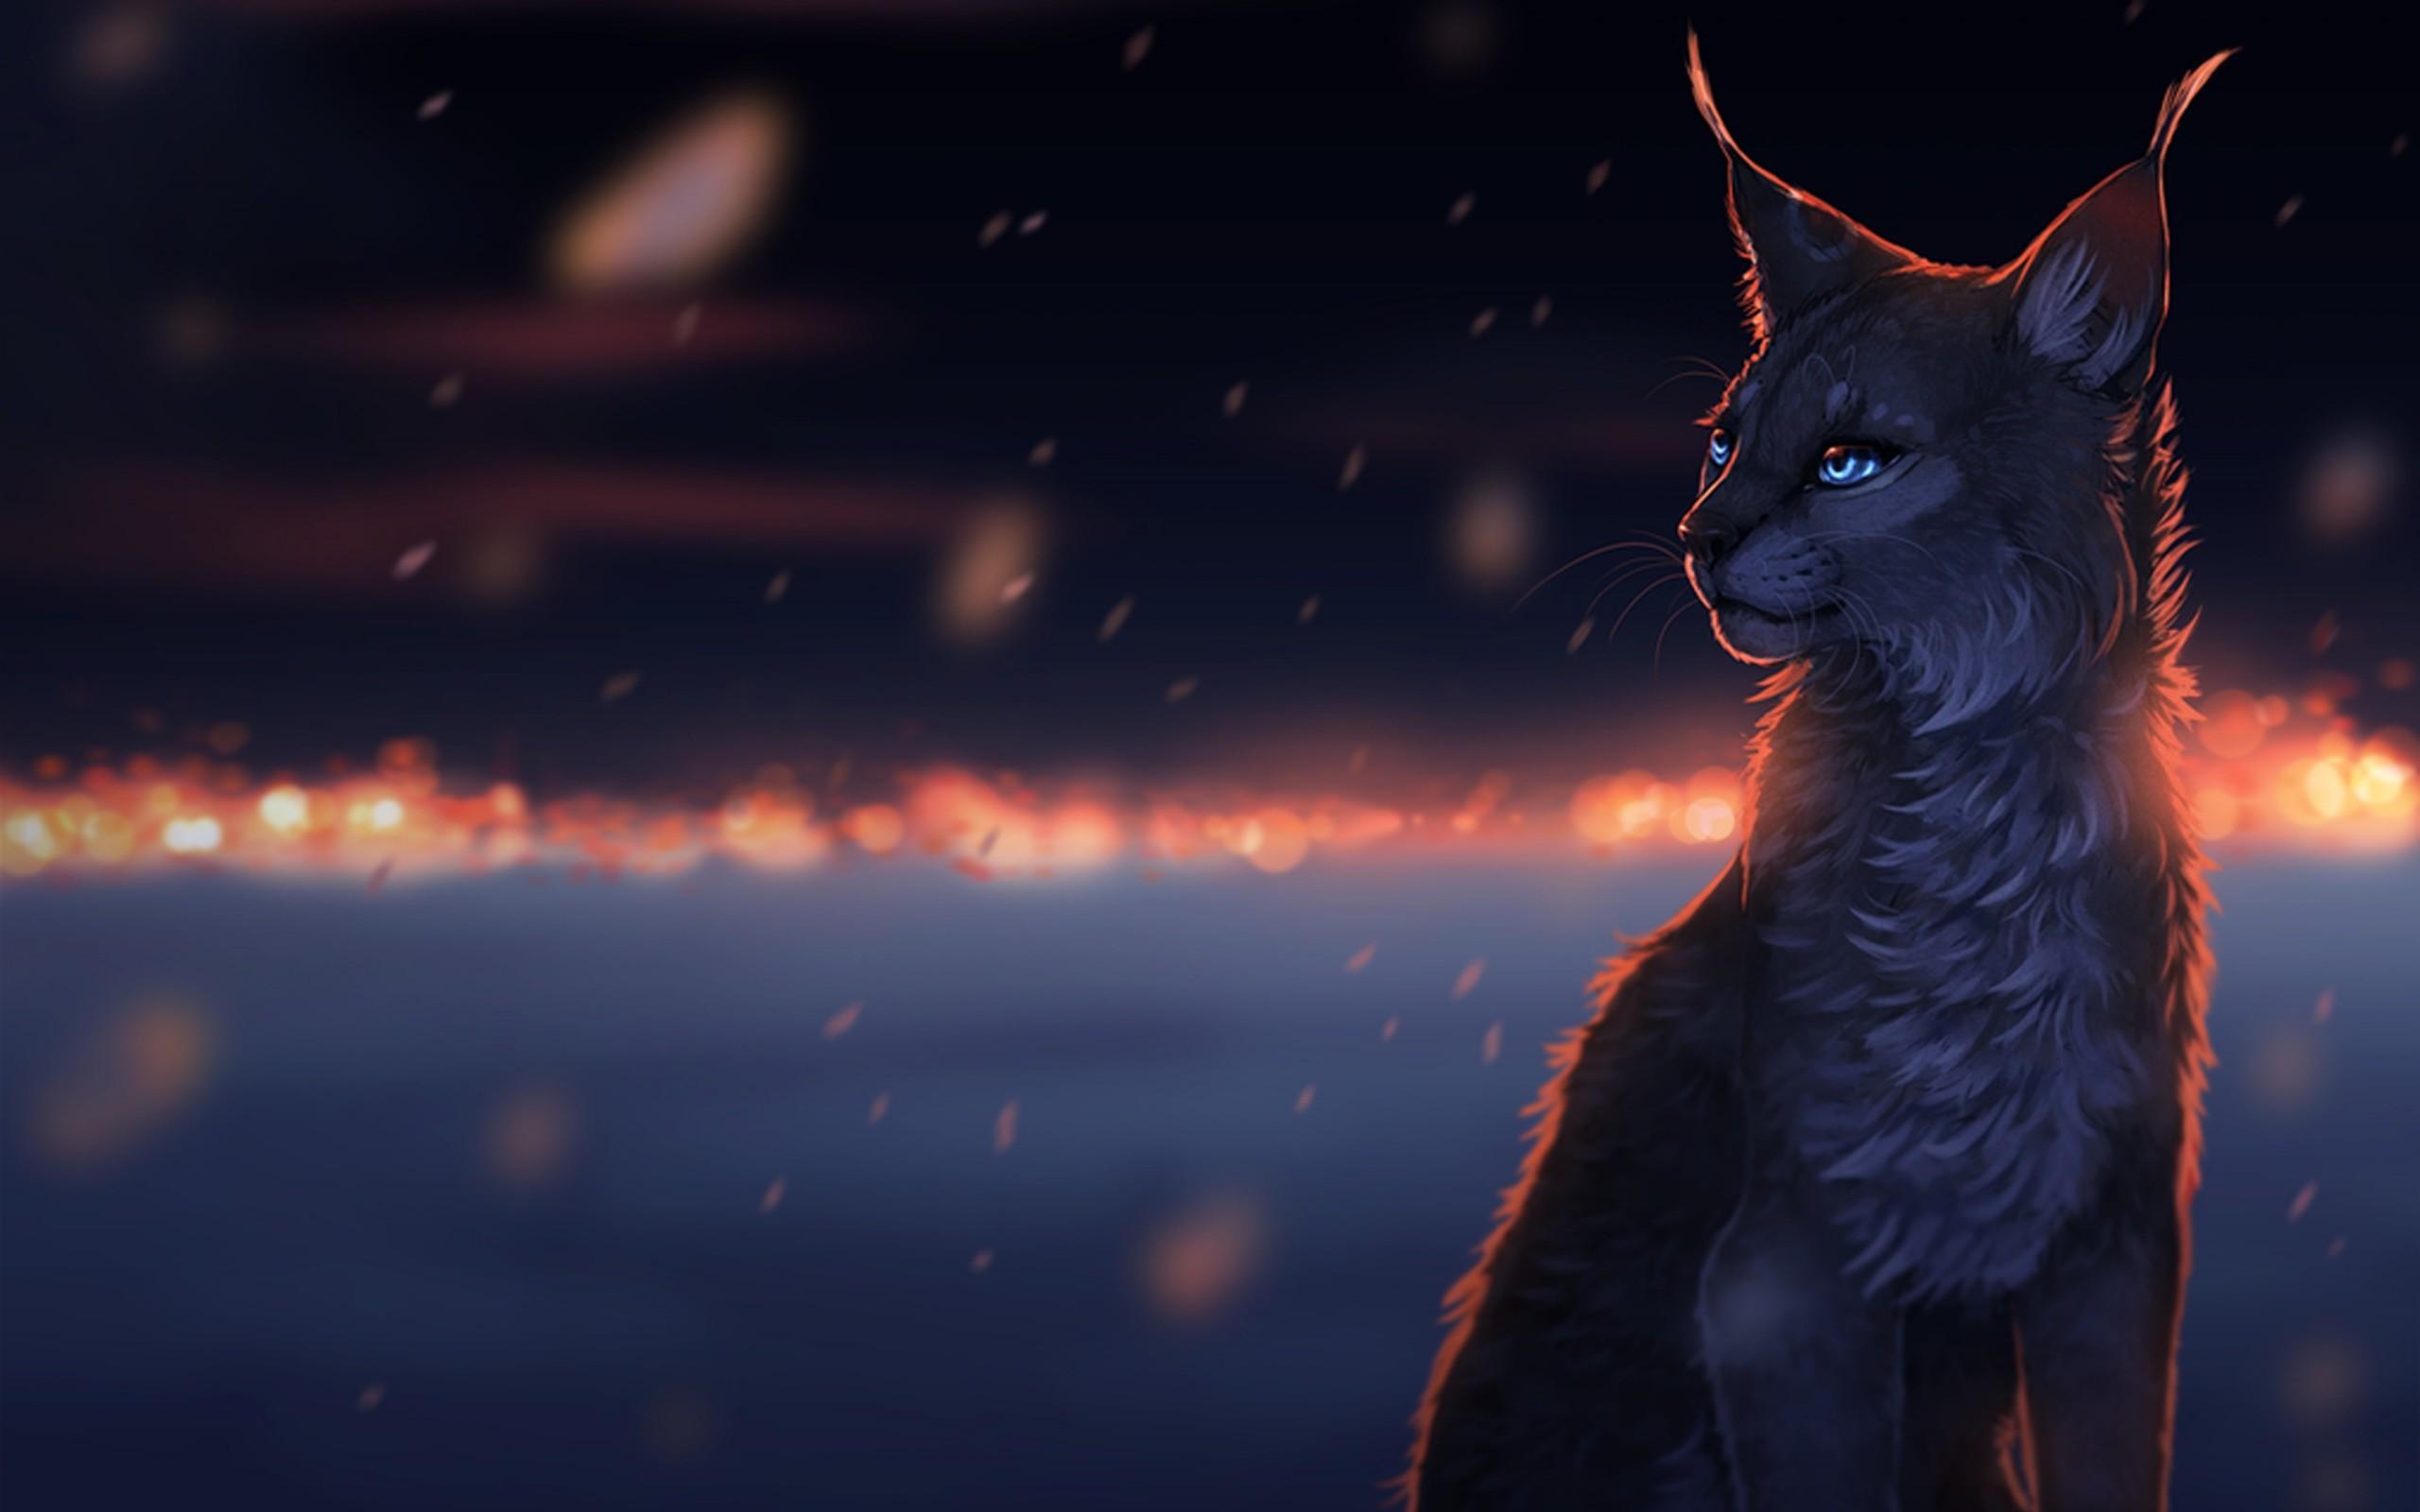 Art cat dreams snow sorrow drops cats fantasy eyes bokeh ...